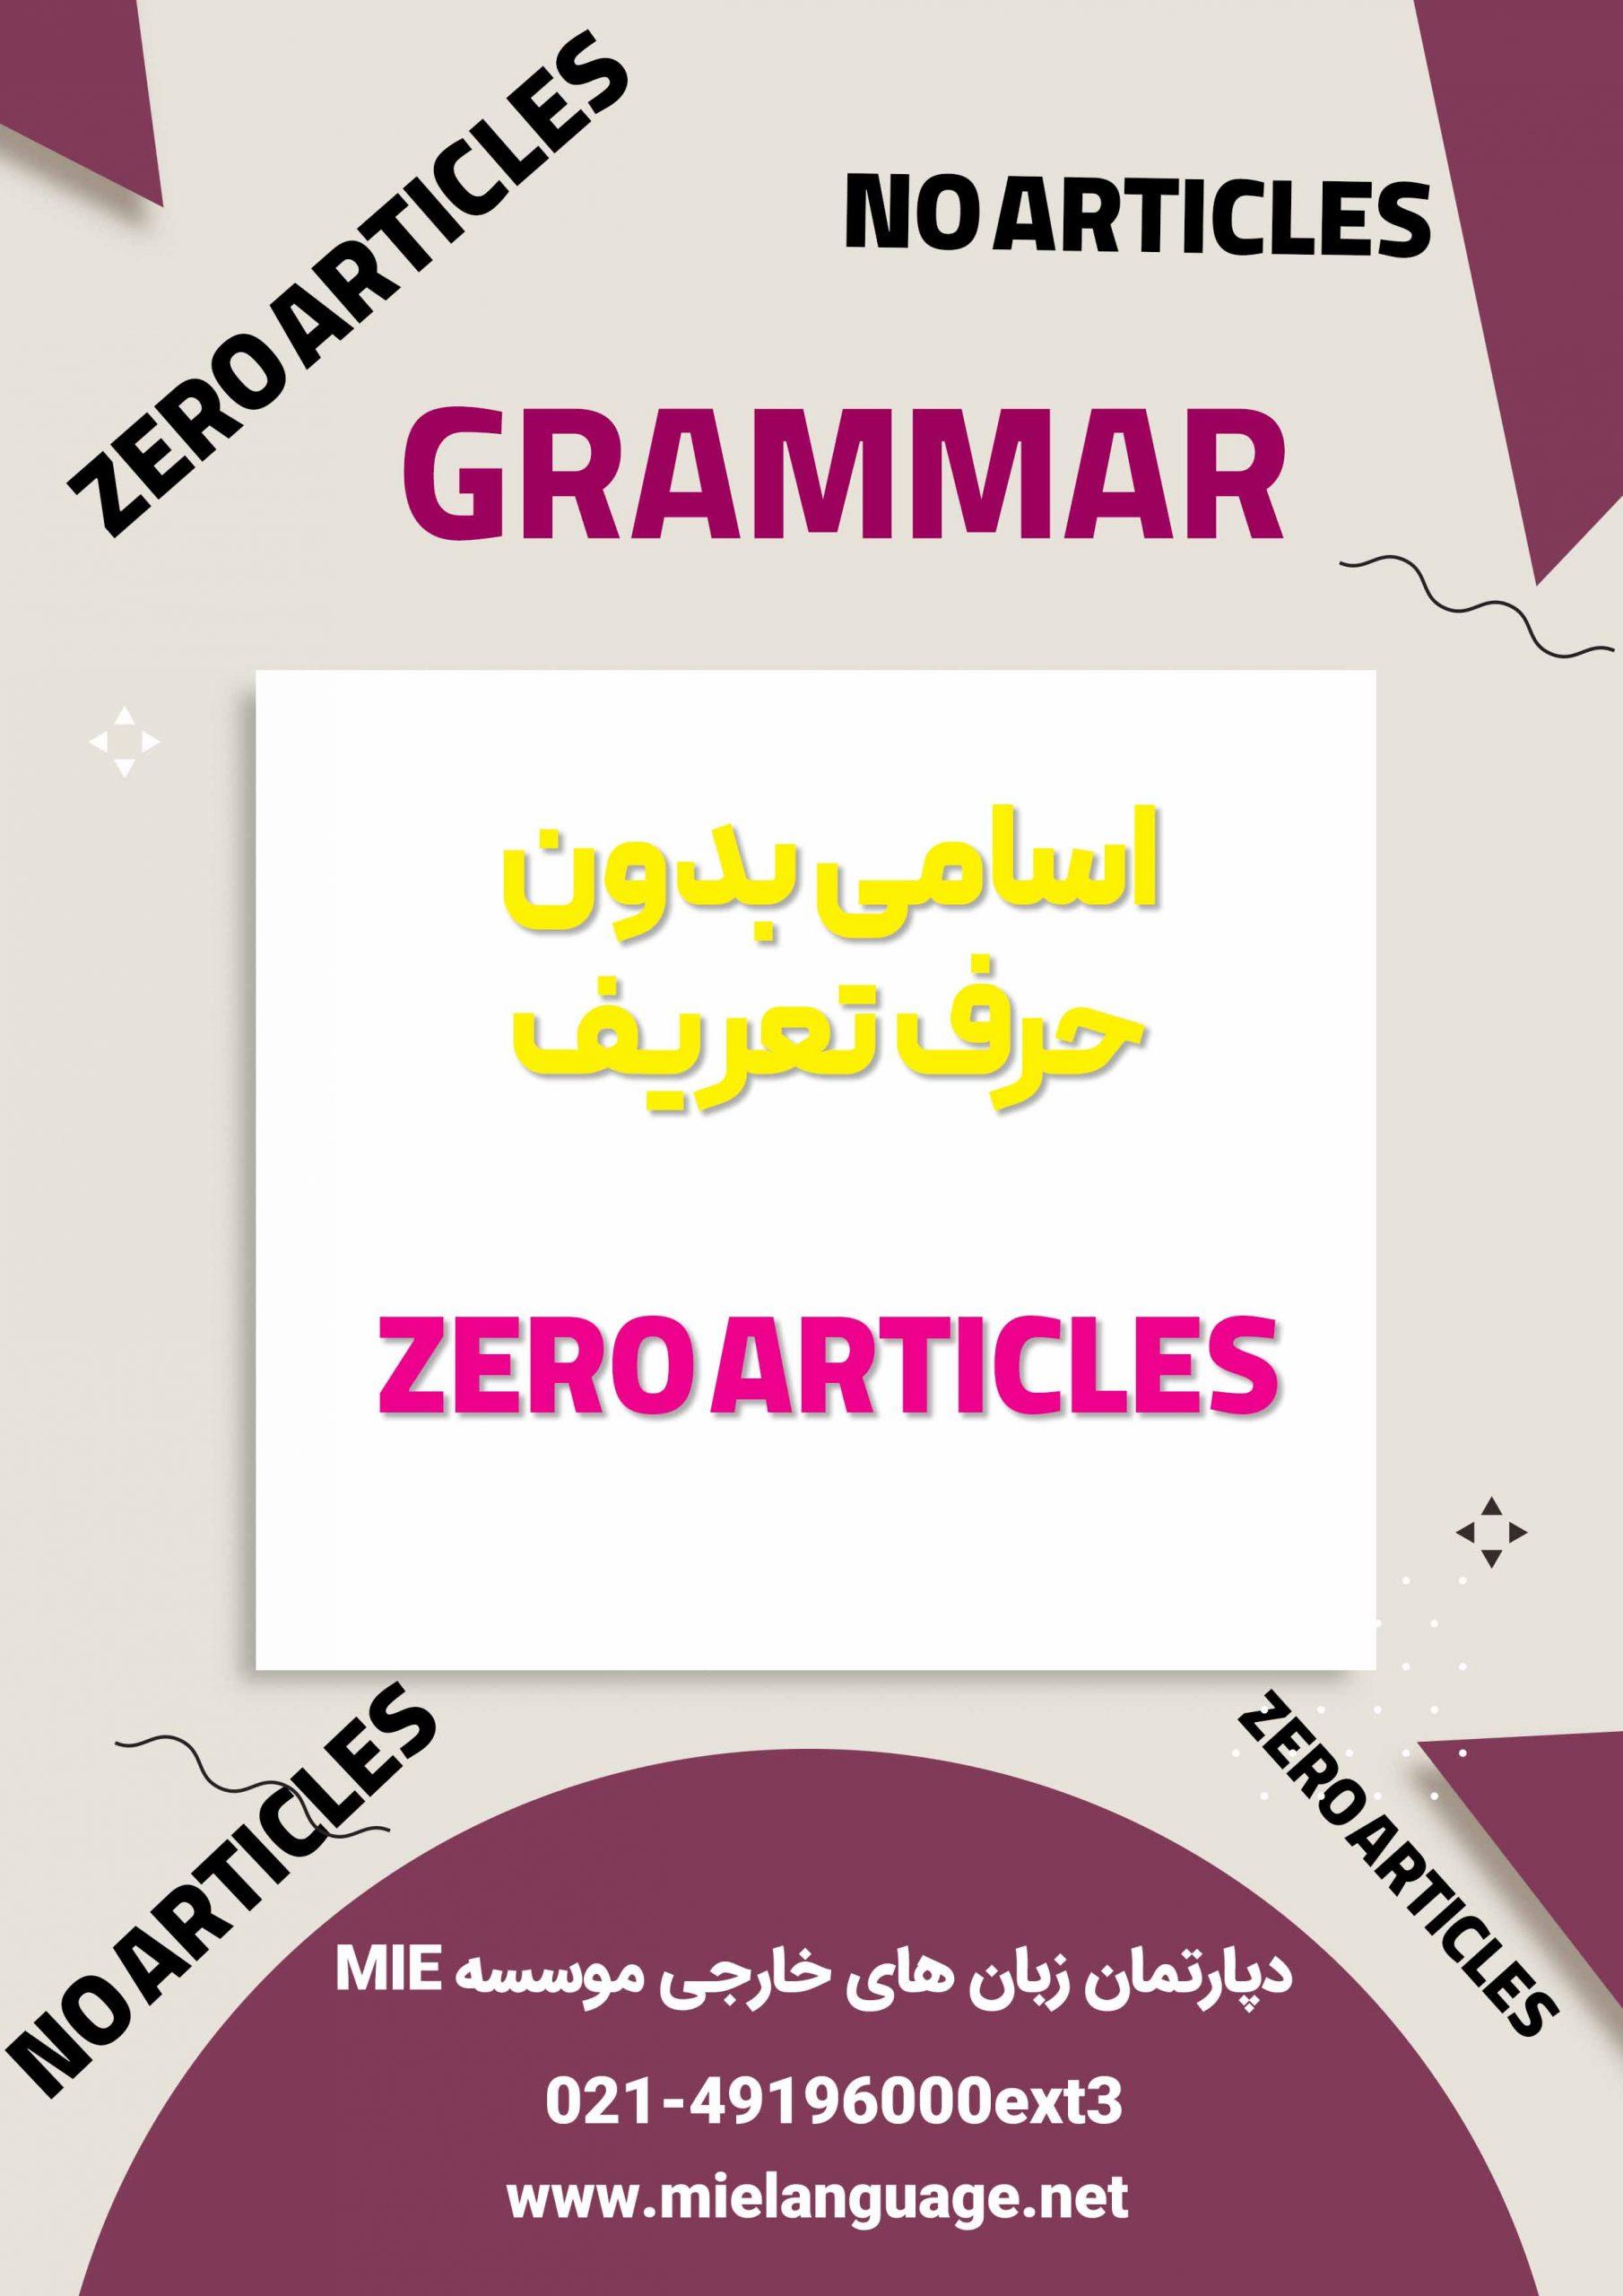 ساده ترین روش یادگیری اسامی بدون حرف تعریف در زبان انگلیسی